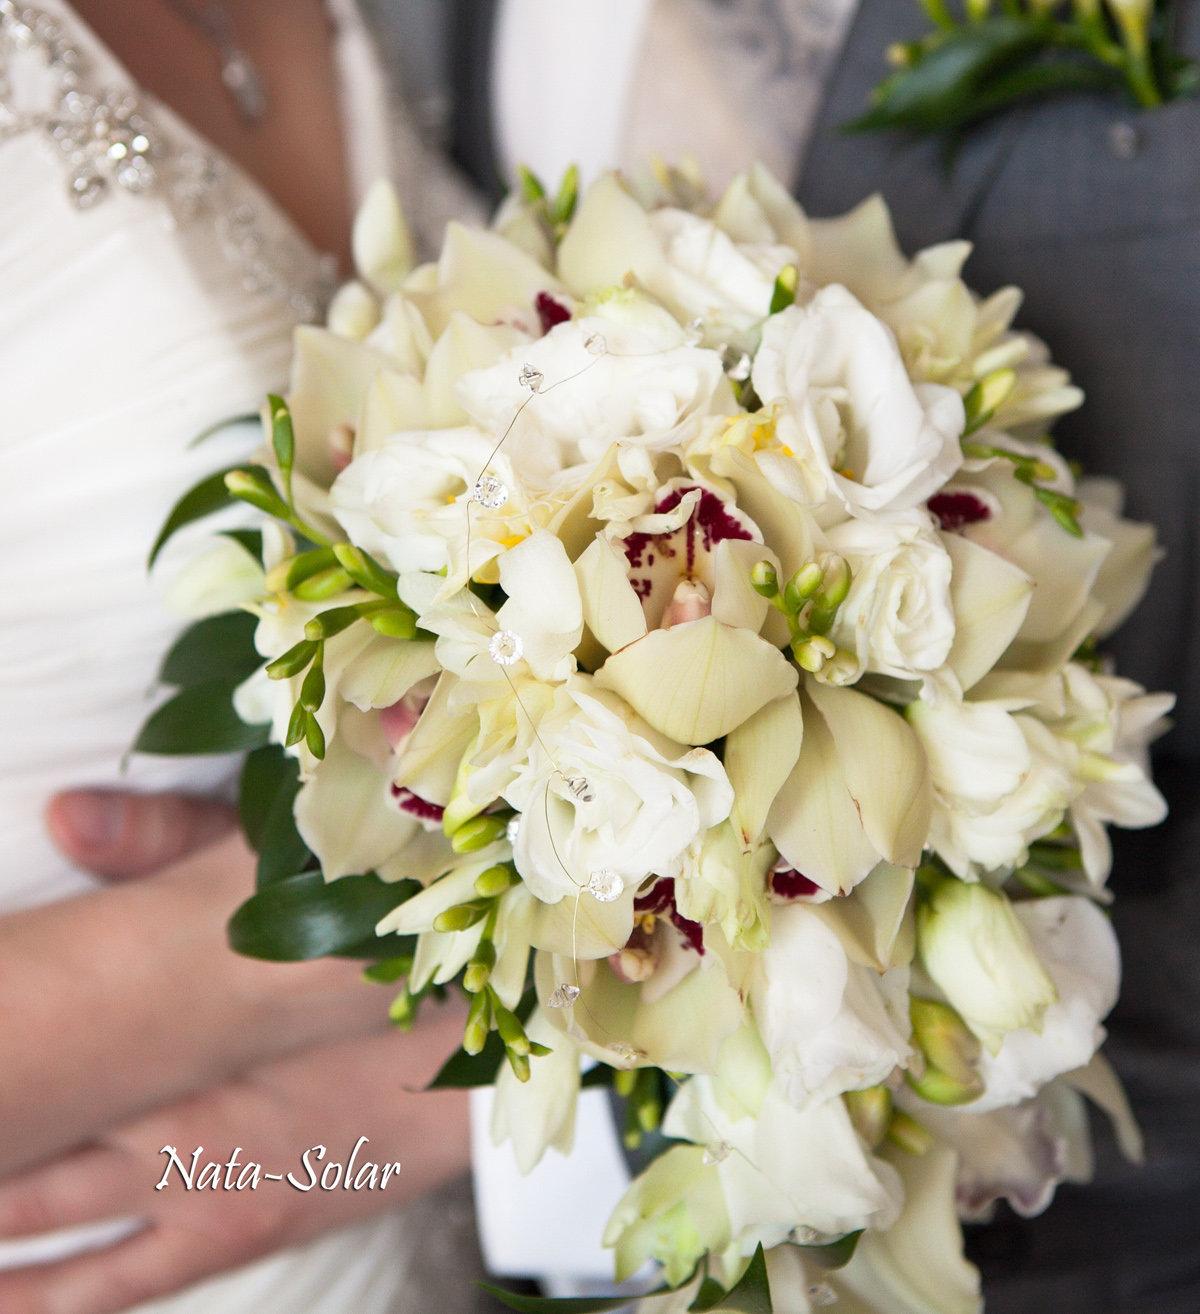 Цветов, заказать свадебный букет из орхидей и фрезий